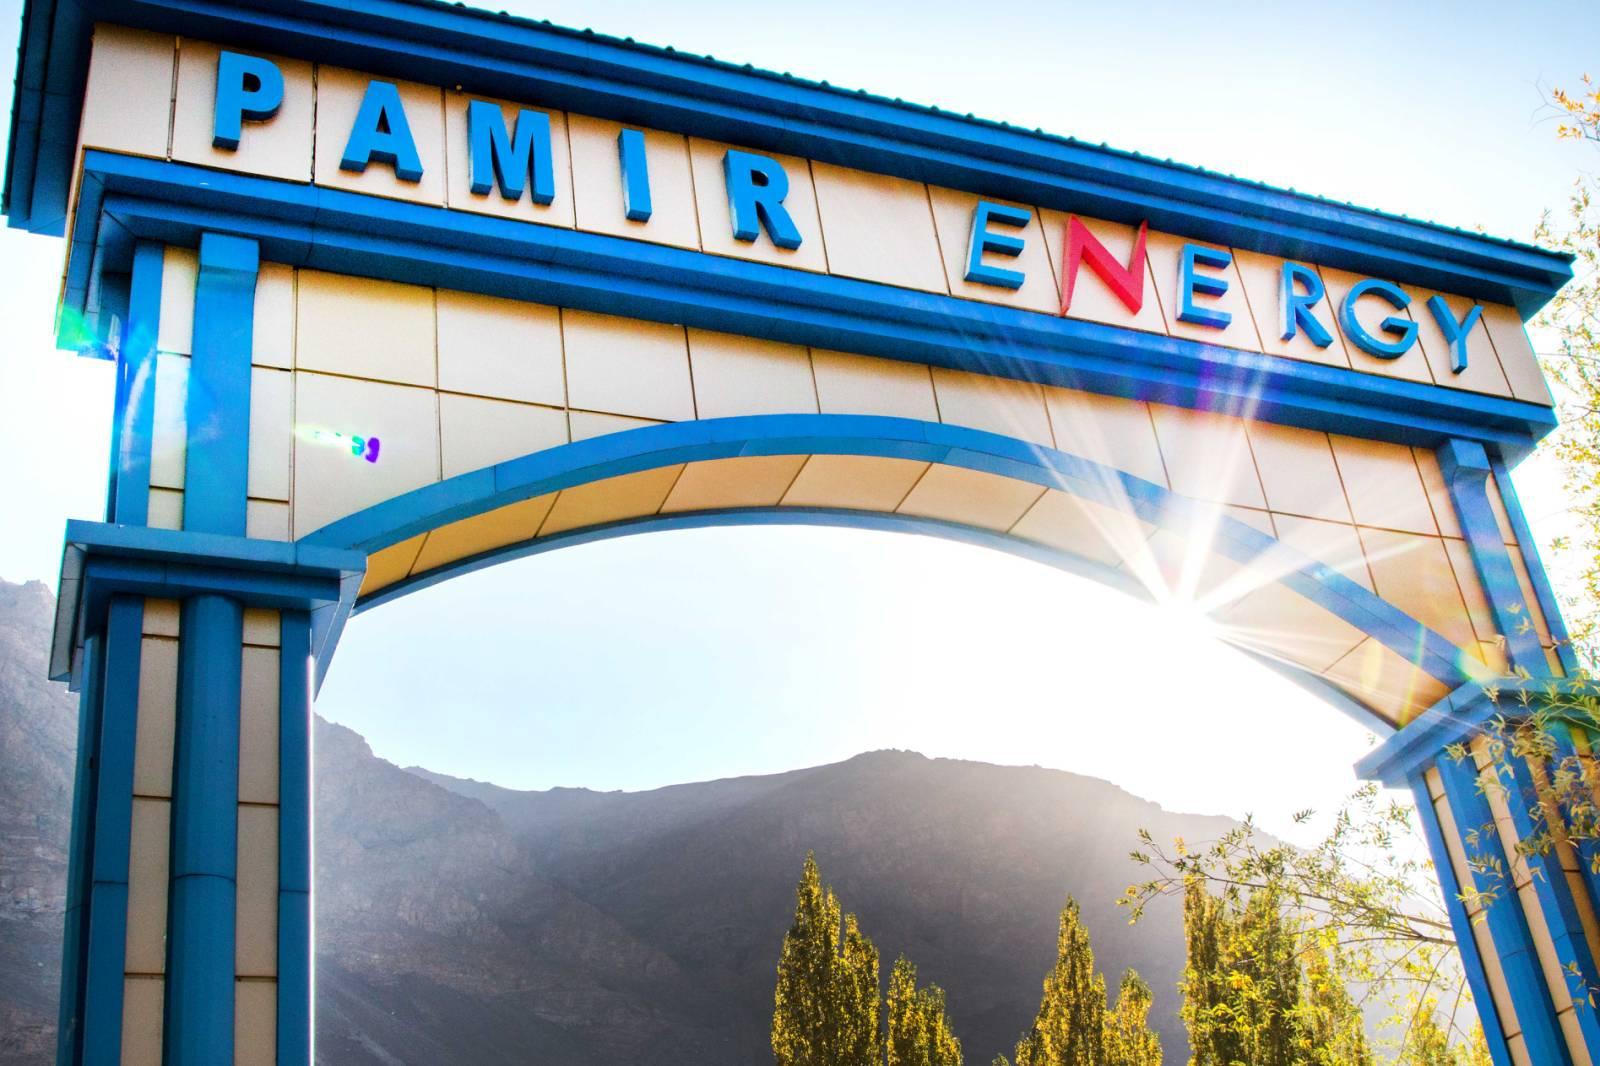 Тендер: Памирская Энергетическая Компания объявляет тендер на поставку ночных обогревателей (NSH), включая систему дистанционного управления